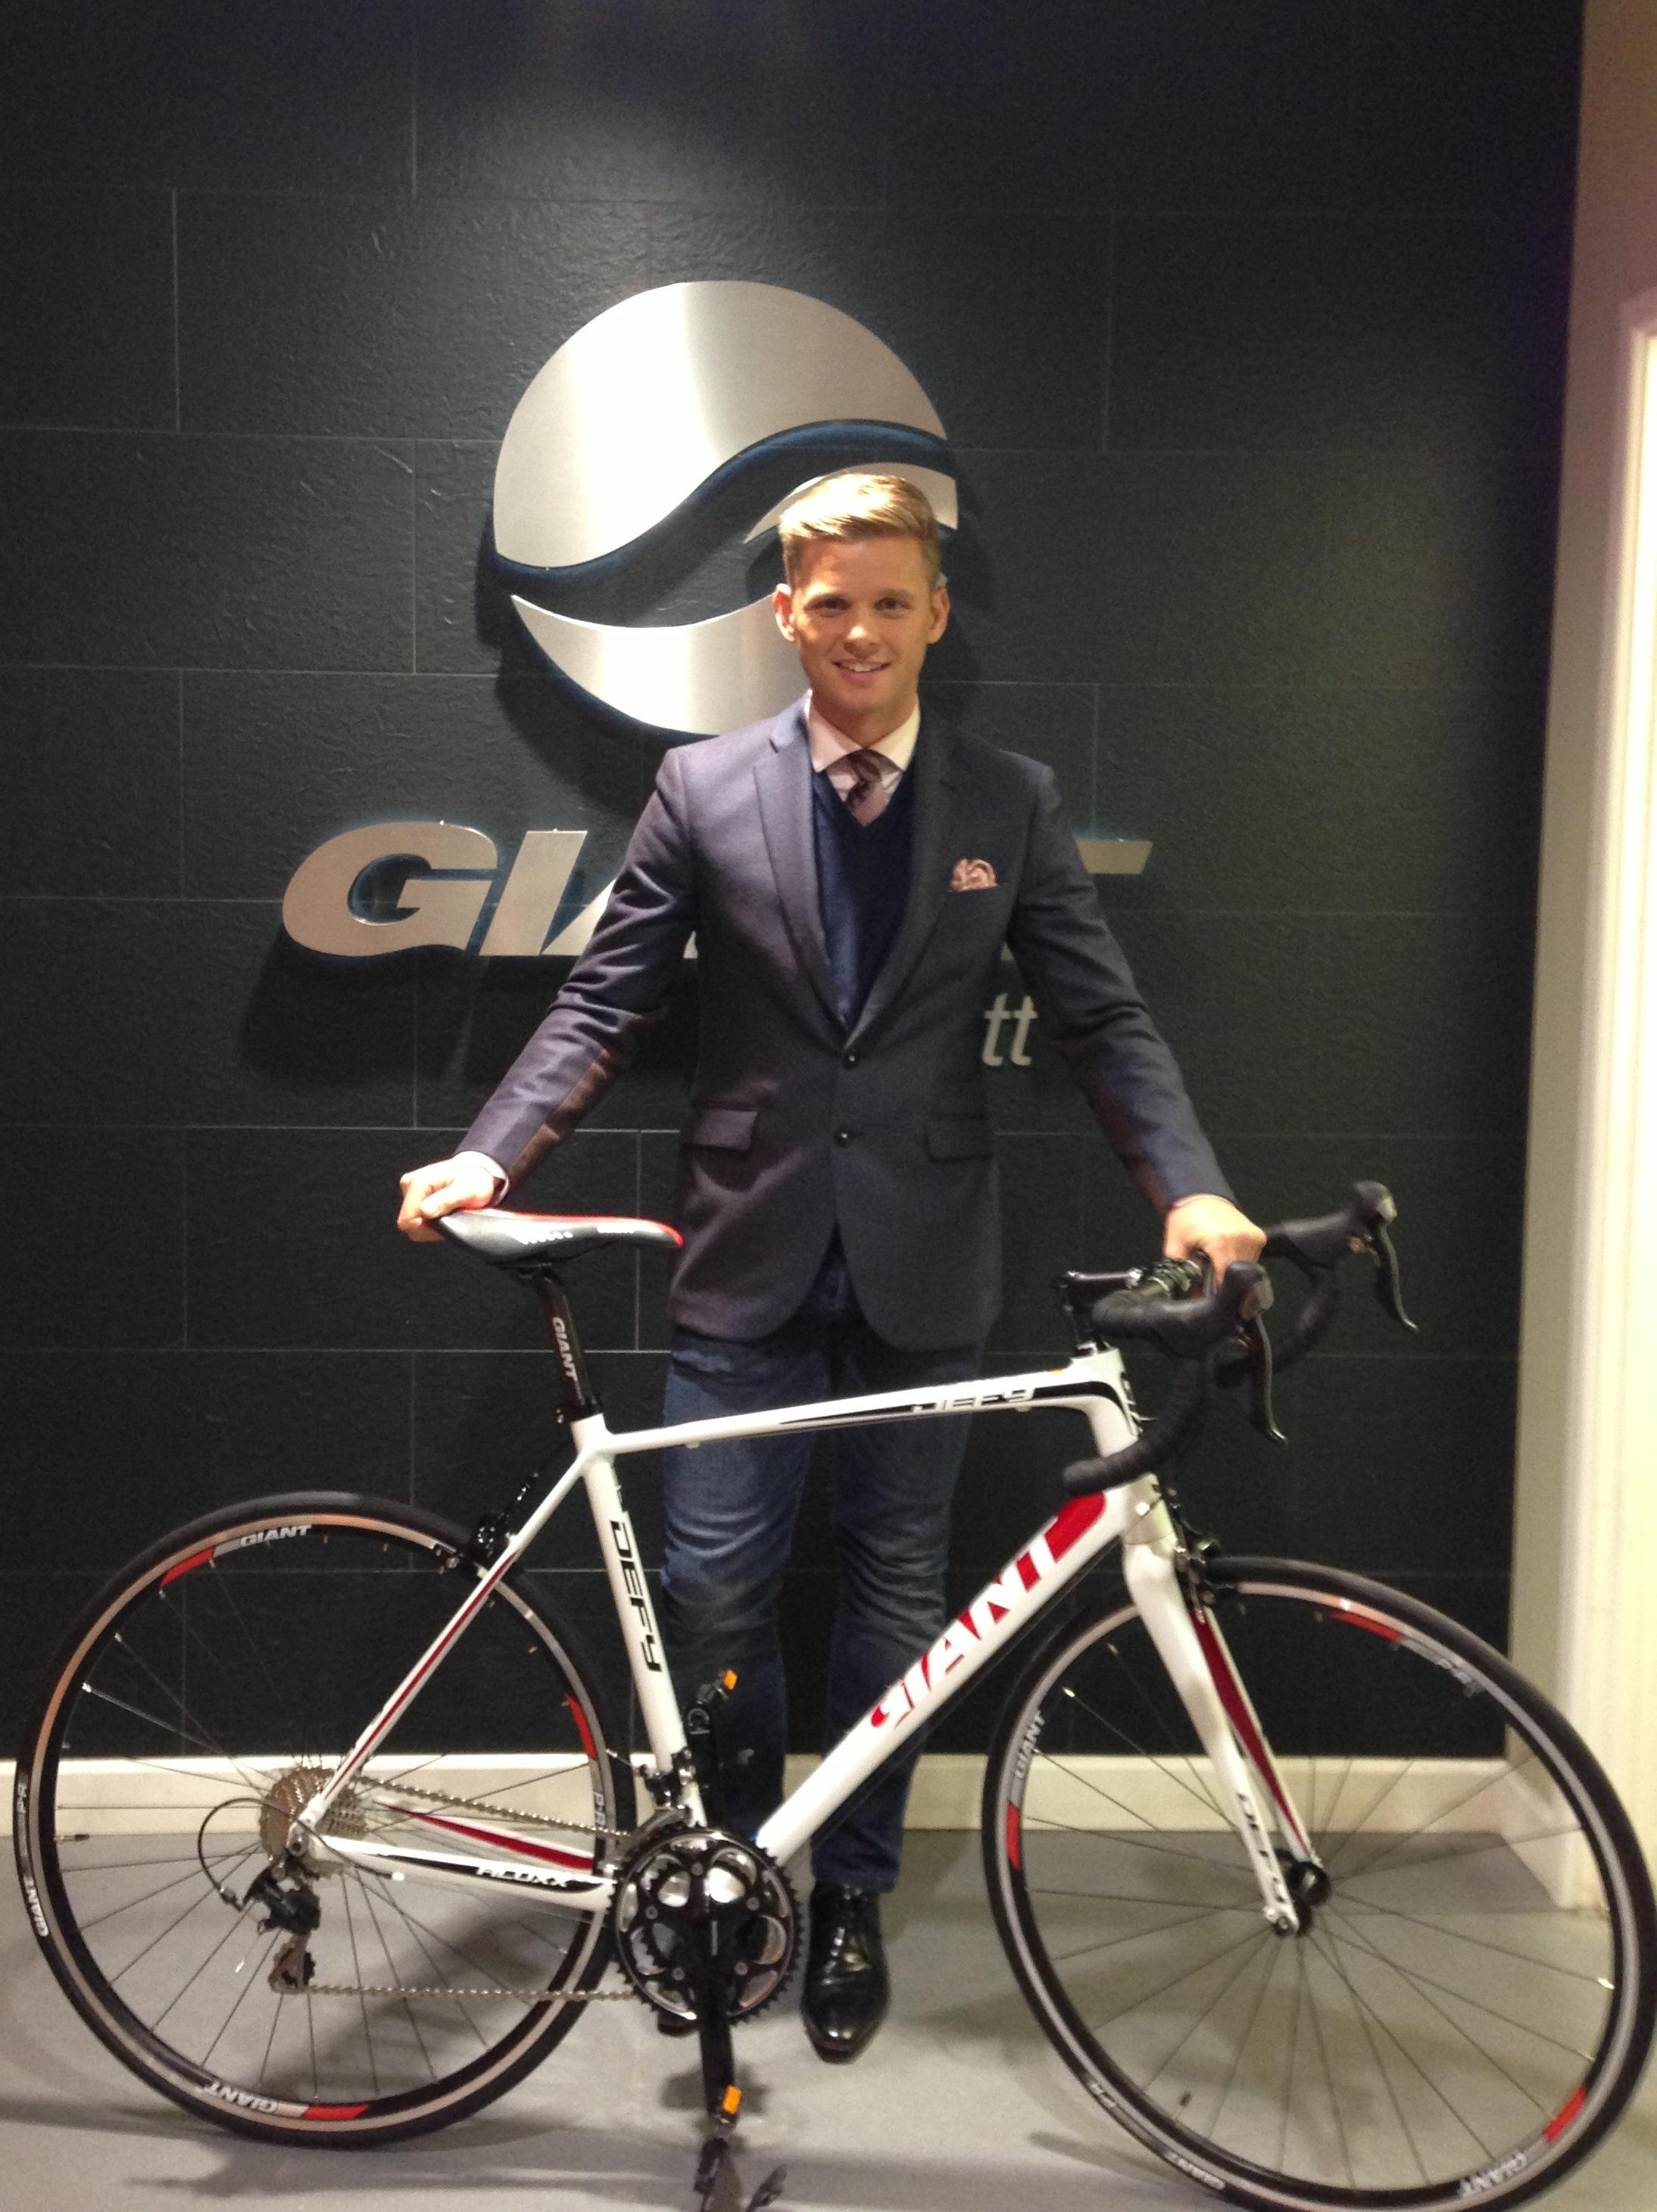 2012-11-30-bike.jpg